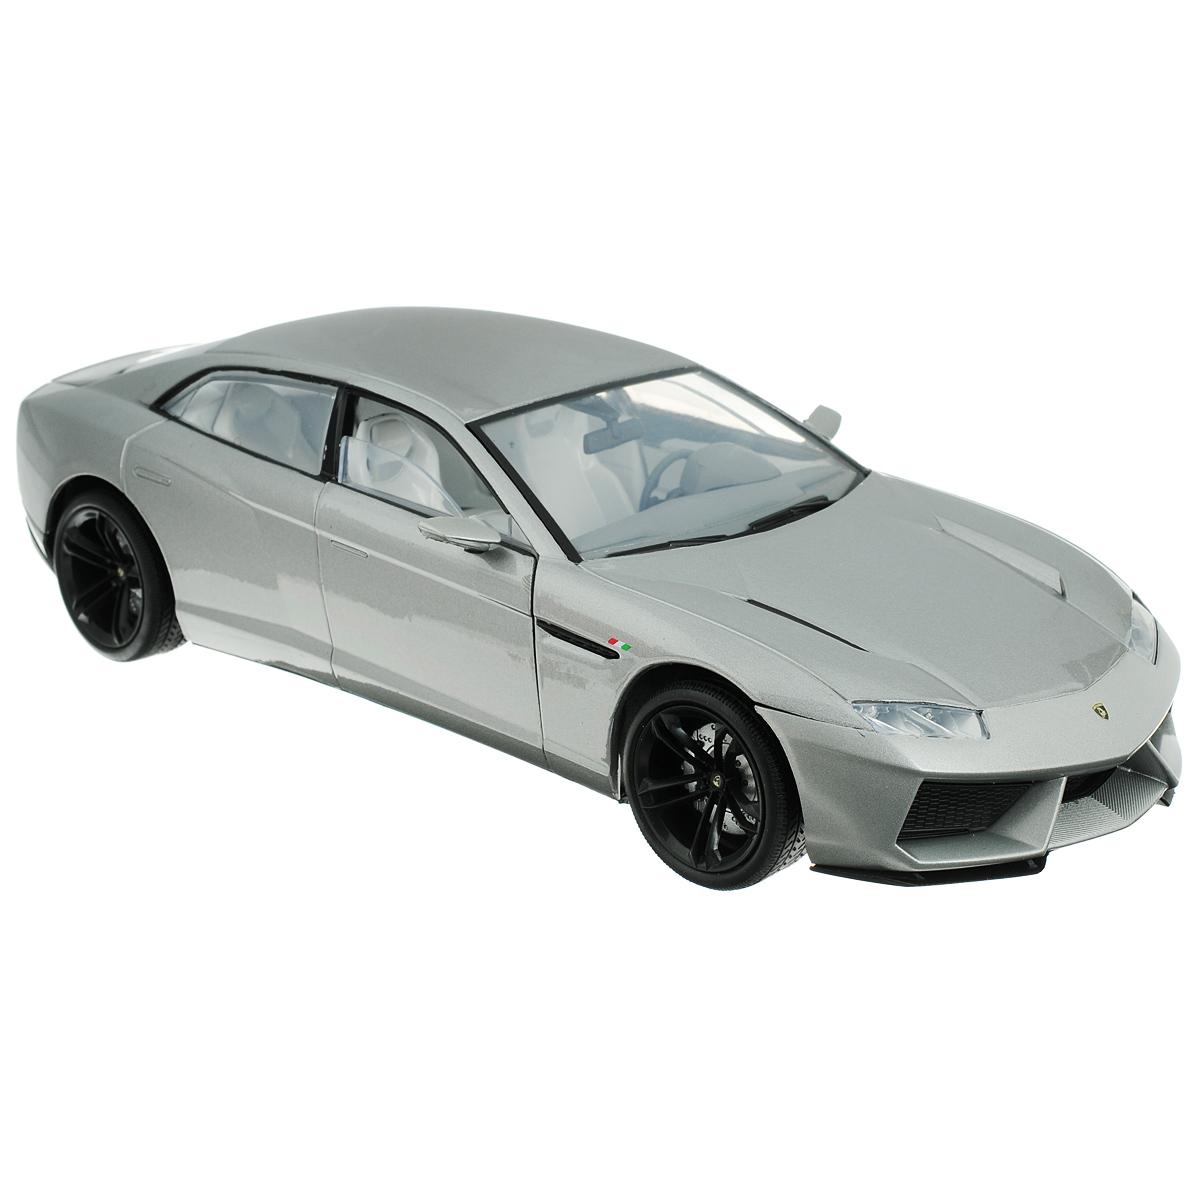 MotorMax Модель автомобиля Lamborghini Estoque79157Коллекционная модель MotorMax Автомобиль Lamborghini Estoque для тех, кто любит роскошь и высокие скорости. Игрушка представляет собой копию одноименной машины фирмы Lamborghini. Машинка будет долго служить своему владельцу благодаря цельнометаллическому корпусу, отлитому из металла с элементами из пластика. Двери машины, капот и багажник открываются. При повороте руля изменяют свое направление колеса. Приятным бонусом станут шины из настоящей резины, обеспечивающие отличное сцепление с любой поверхностью пола. Модель помещена на пластиковую подставку с оригинальным названием машины. Ваш ребенок будет в восторге от такого подарка!